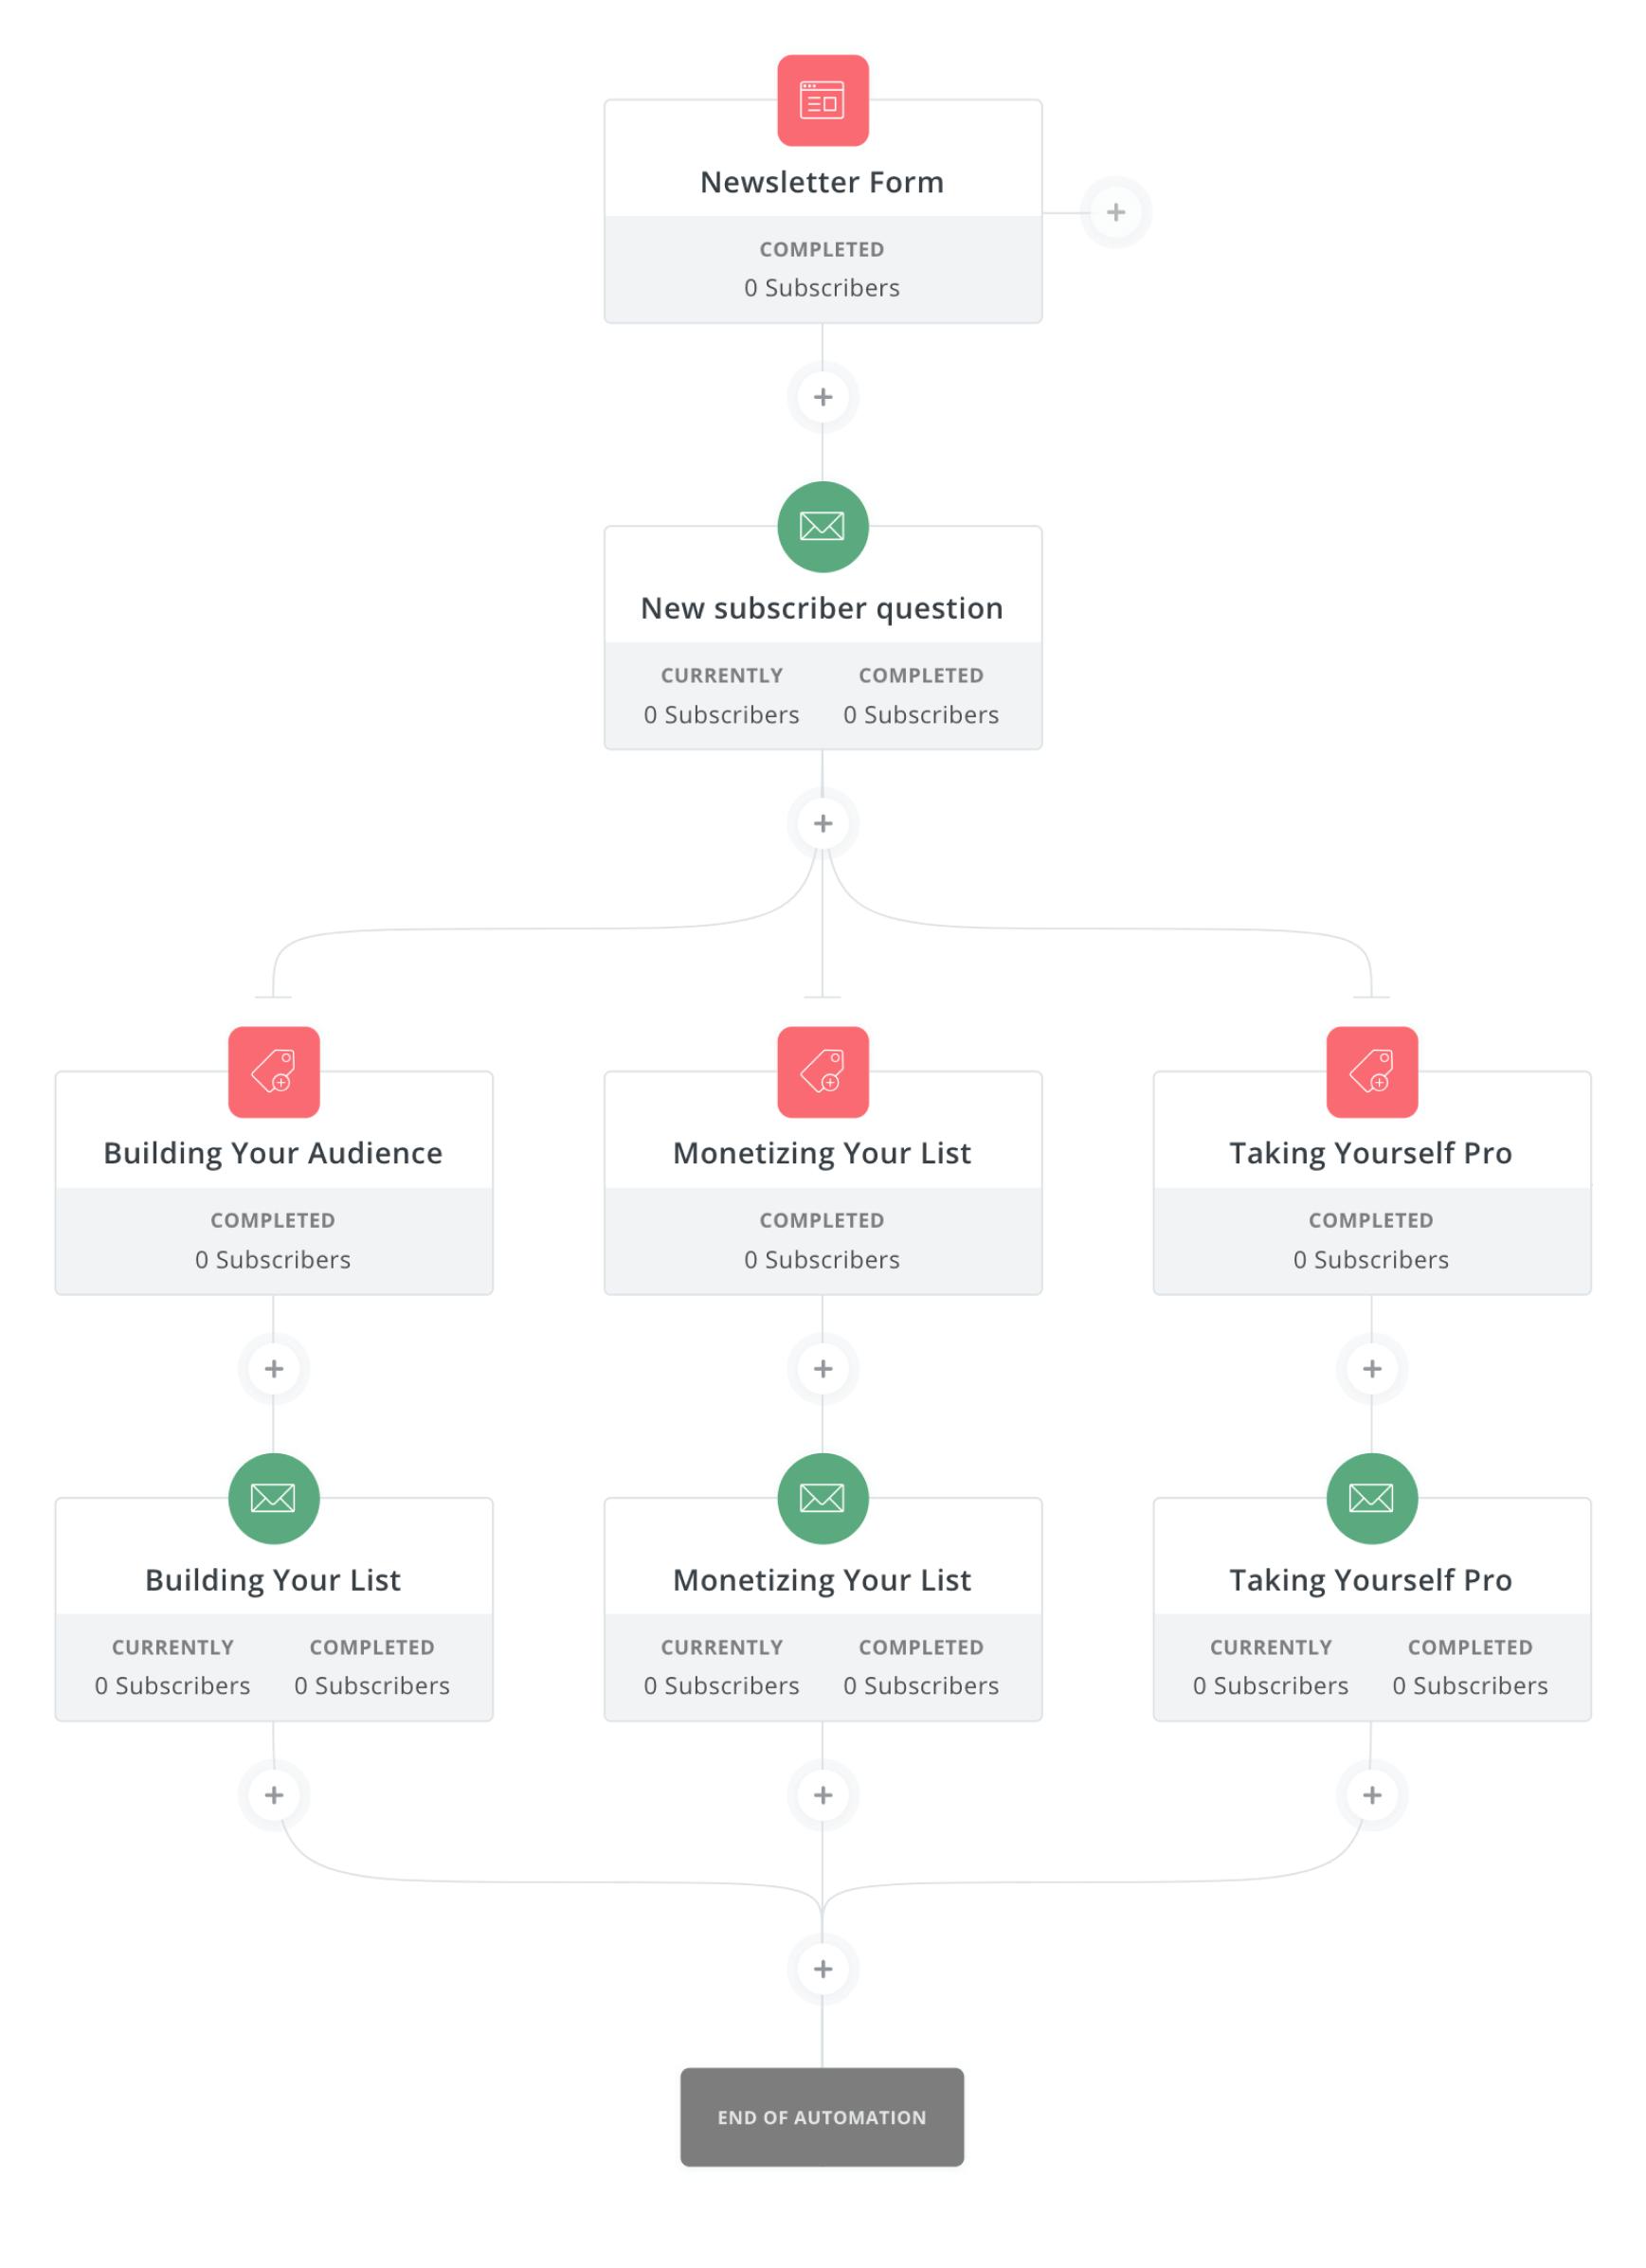 пример сценария автоматизации в ConvertKit